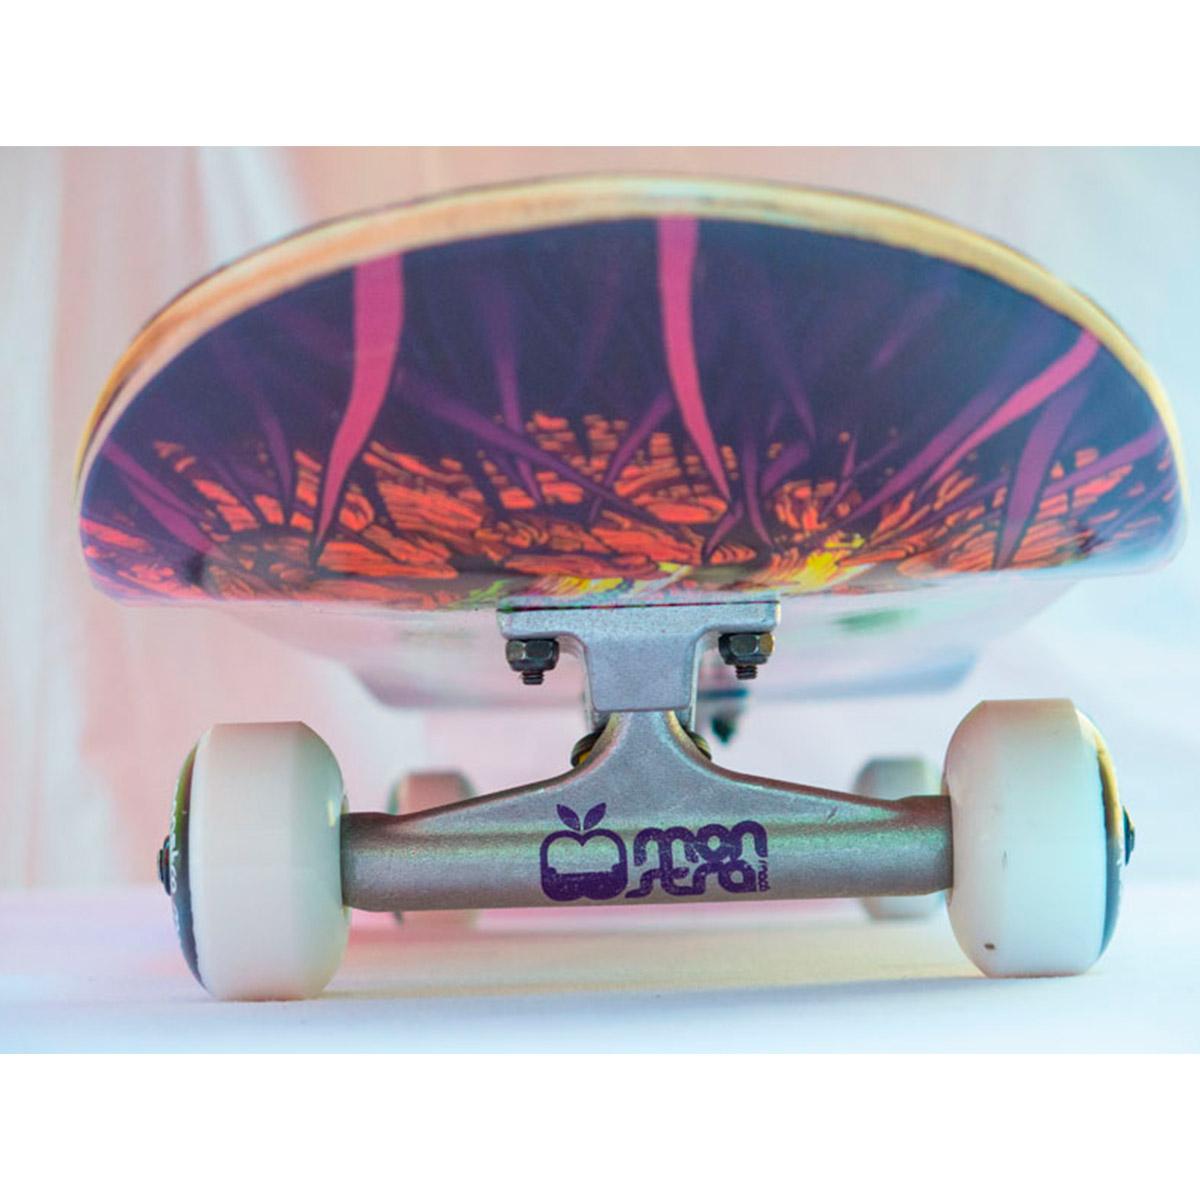 Skate Completo Monstra Maçã Puke